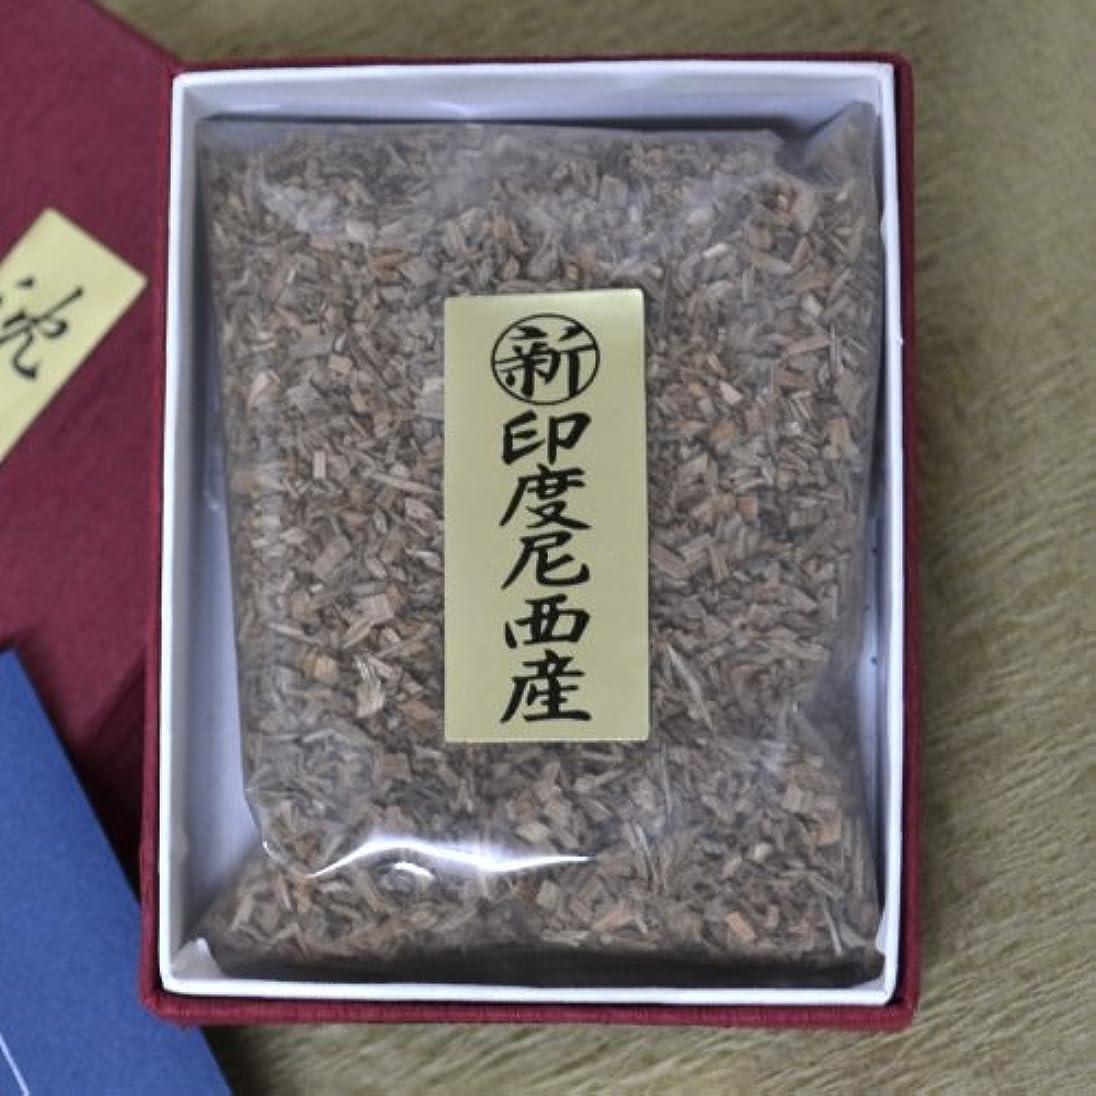 質素なストレージ手錠香木 お焼香 新インドネシア産 沈香 【最高級品】 18g